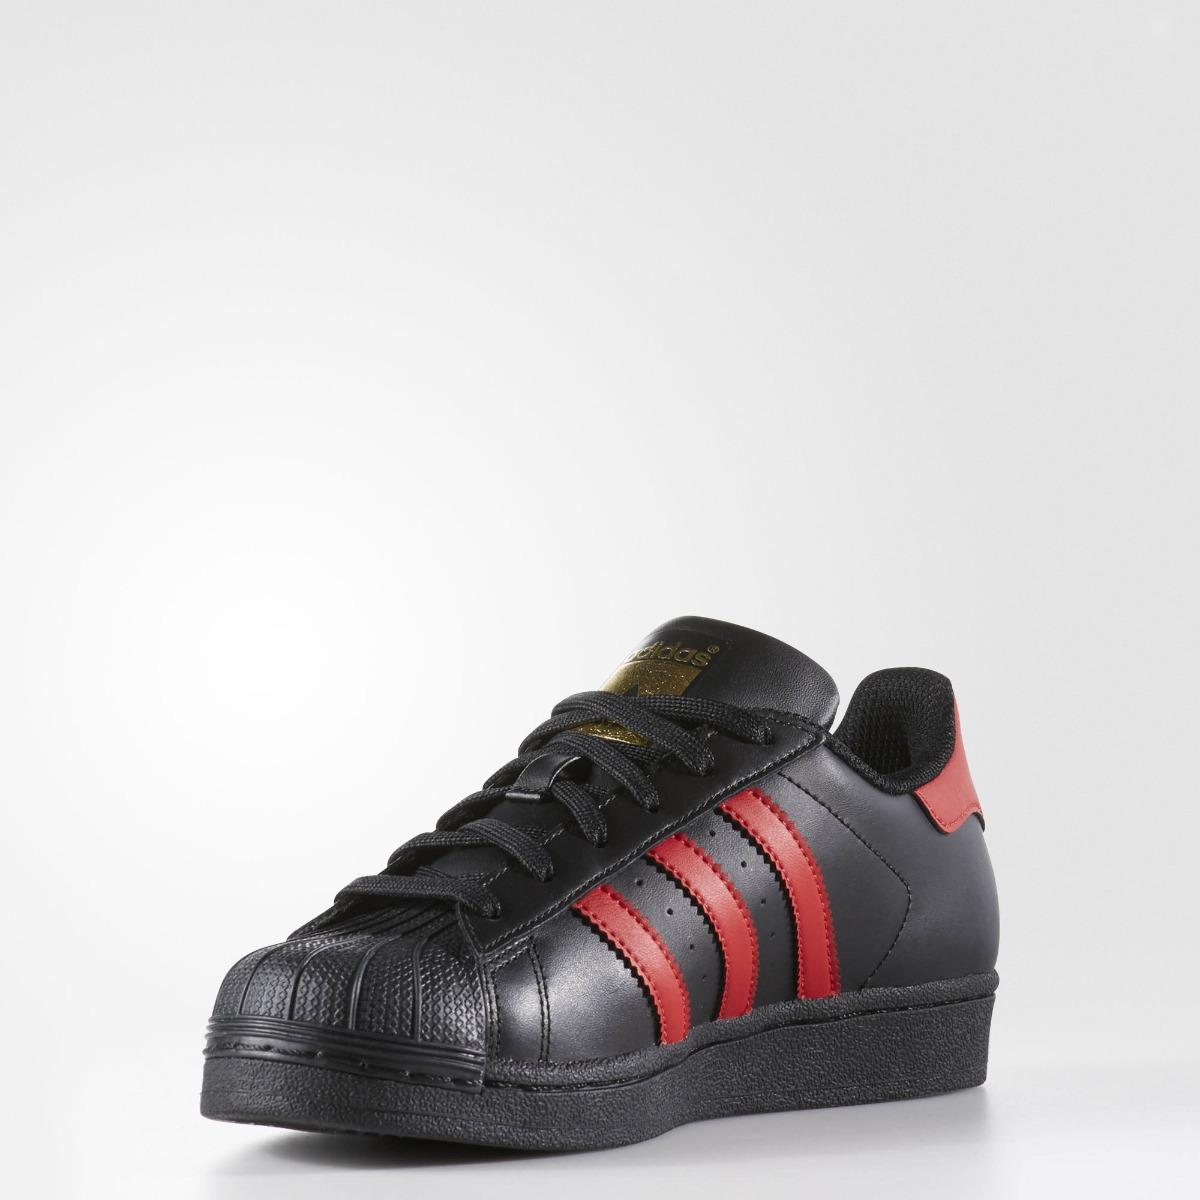 e0a9357631684 tenis adidas originals superstar shoes s80695 negro rojo 24. Cargando zoom.